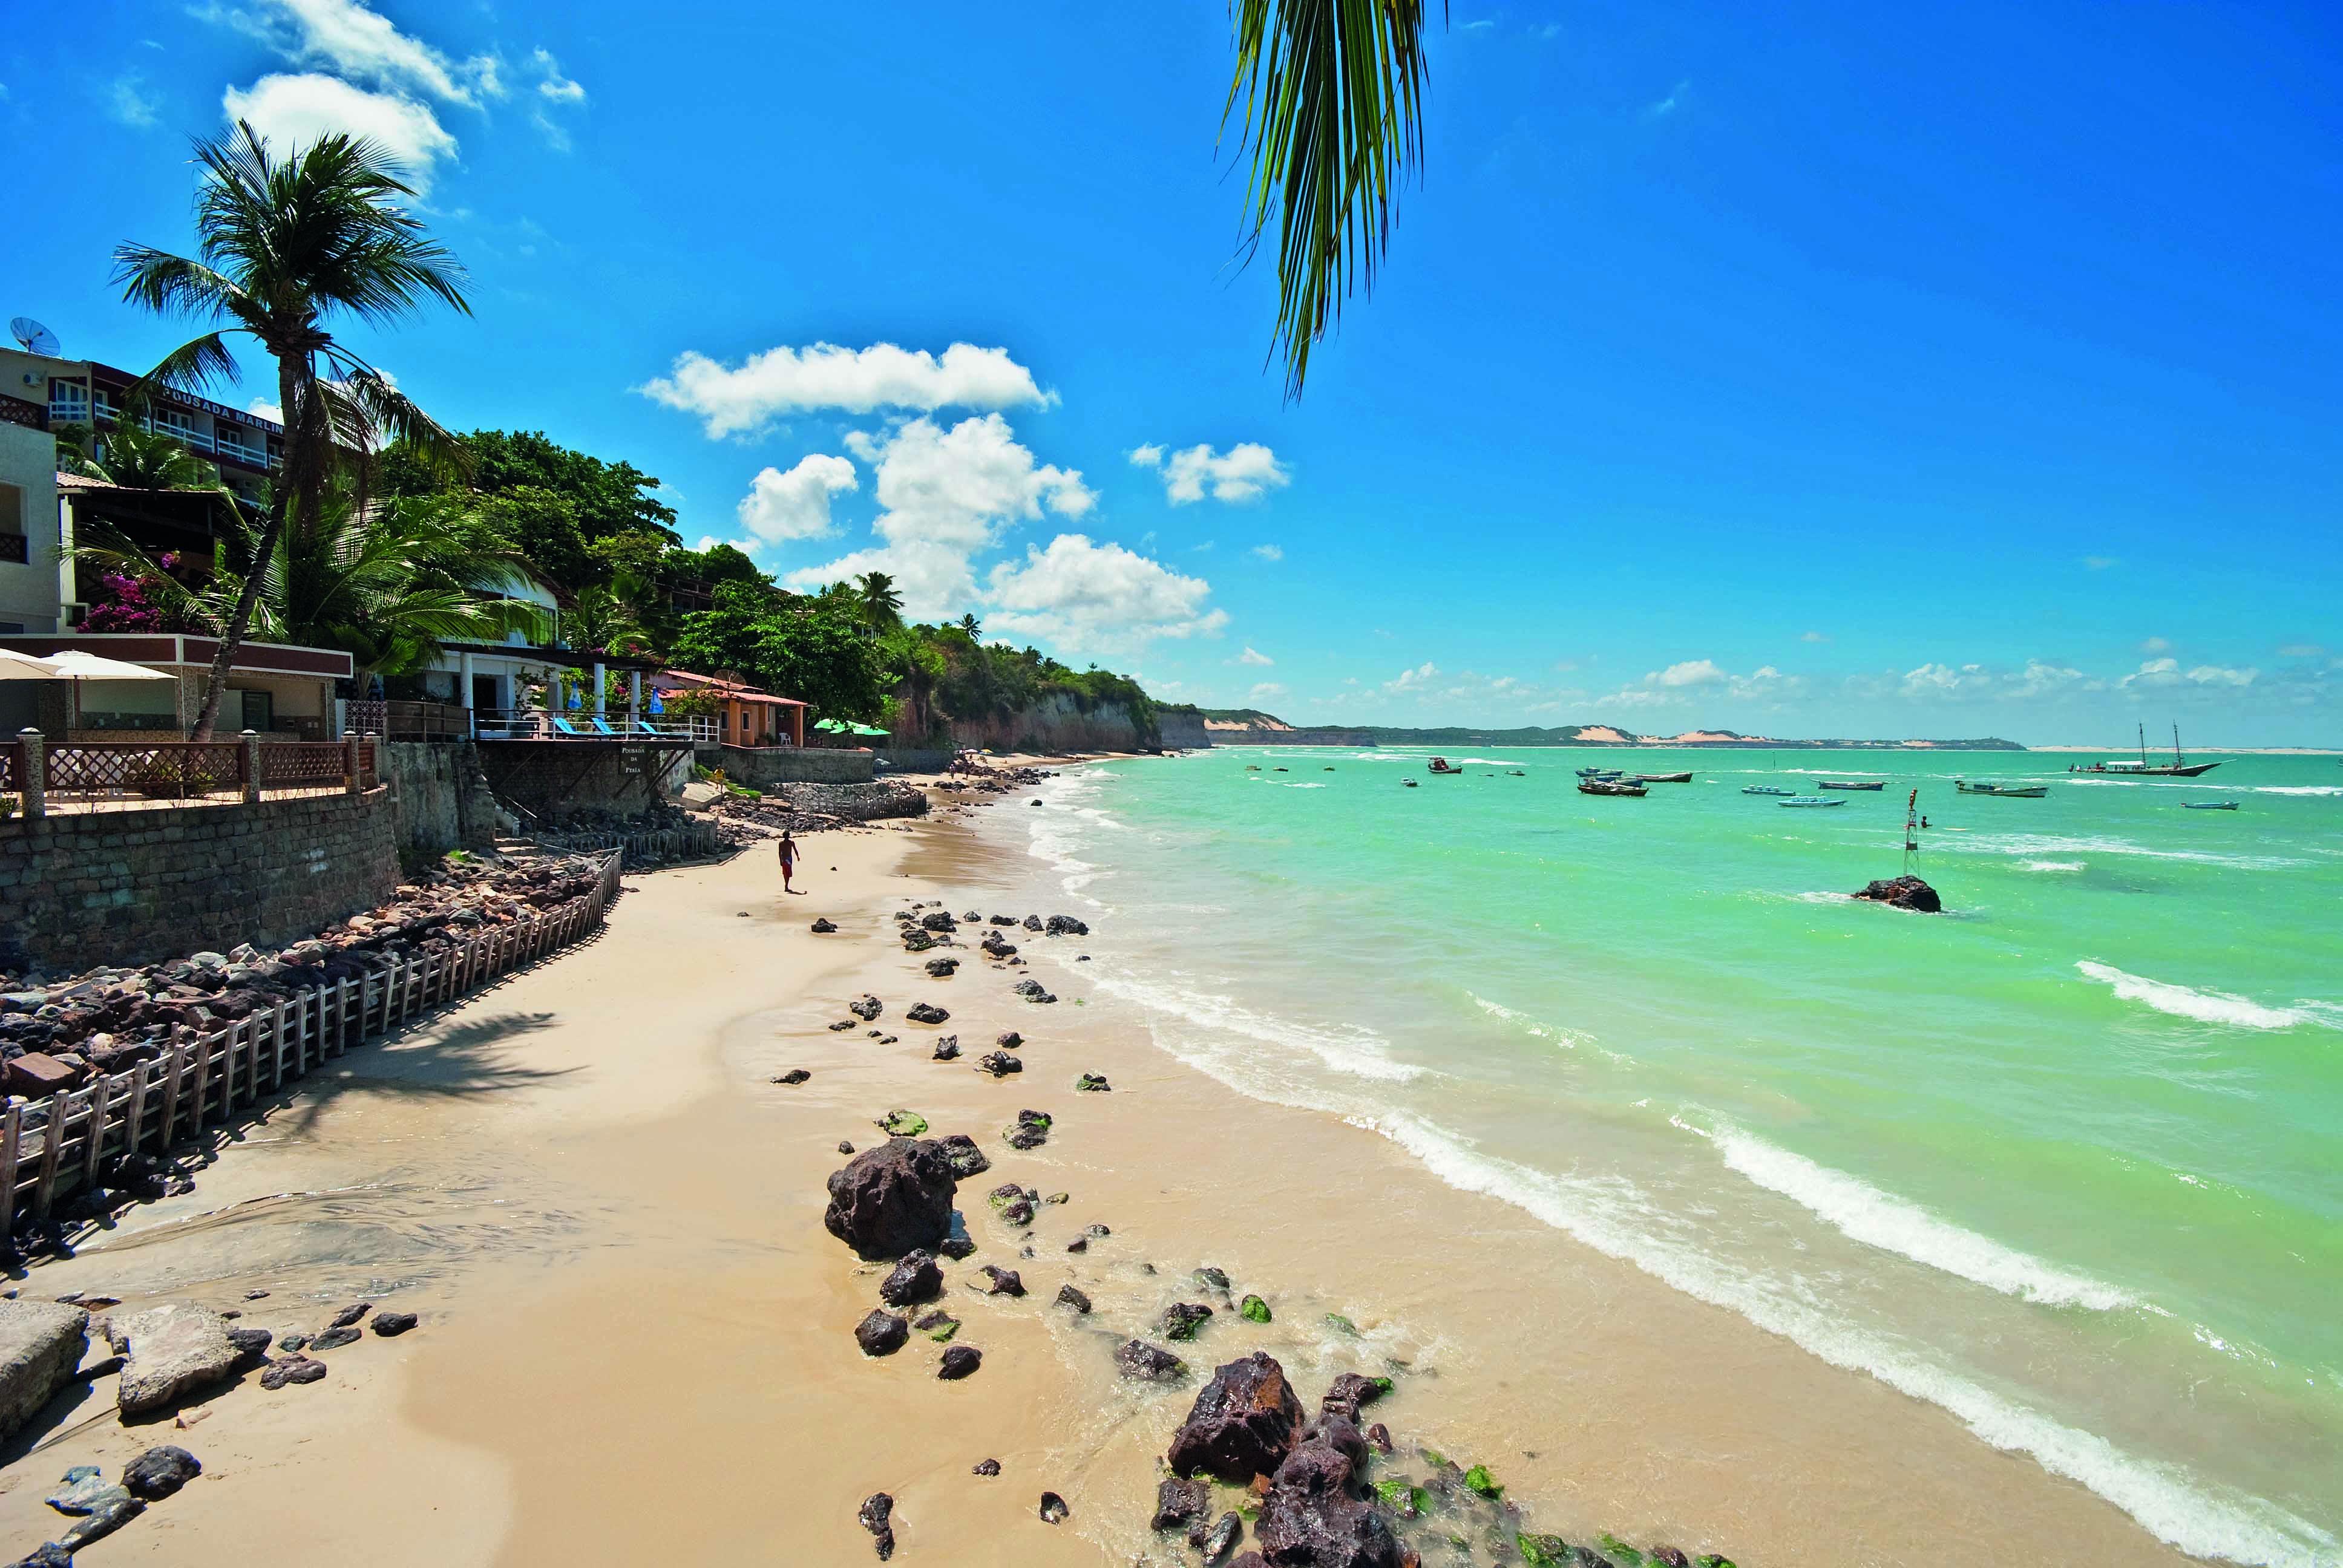 Melhores praias de natal? Confira quais são